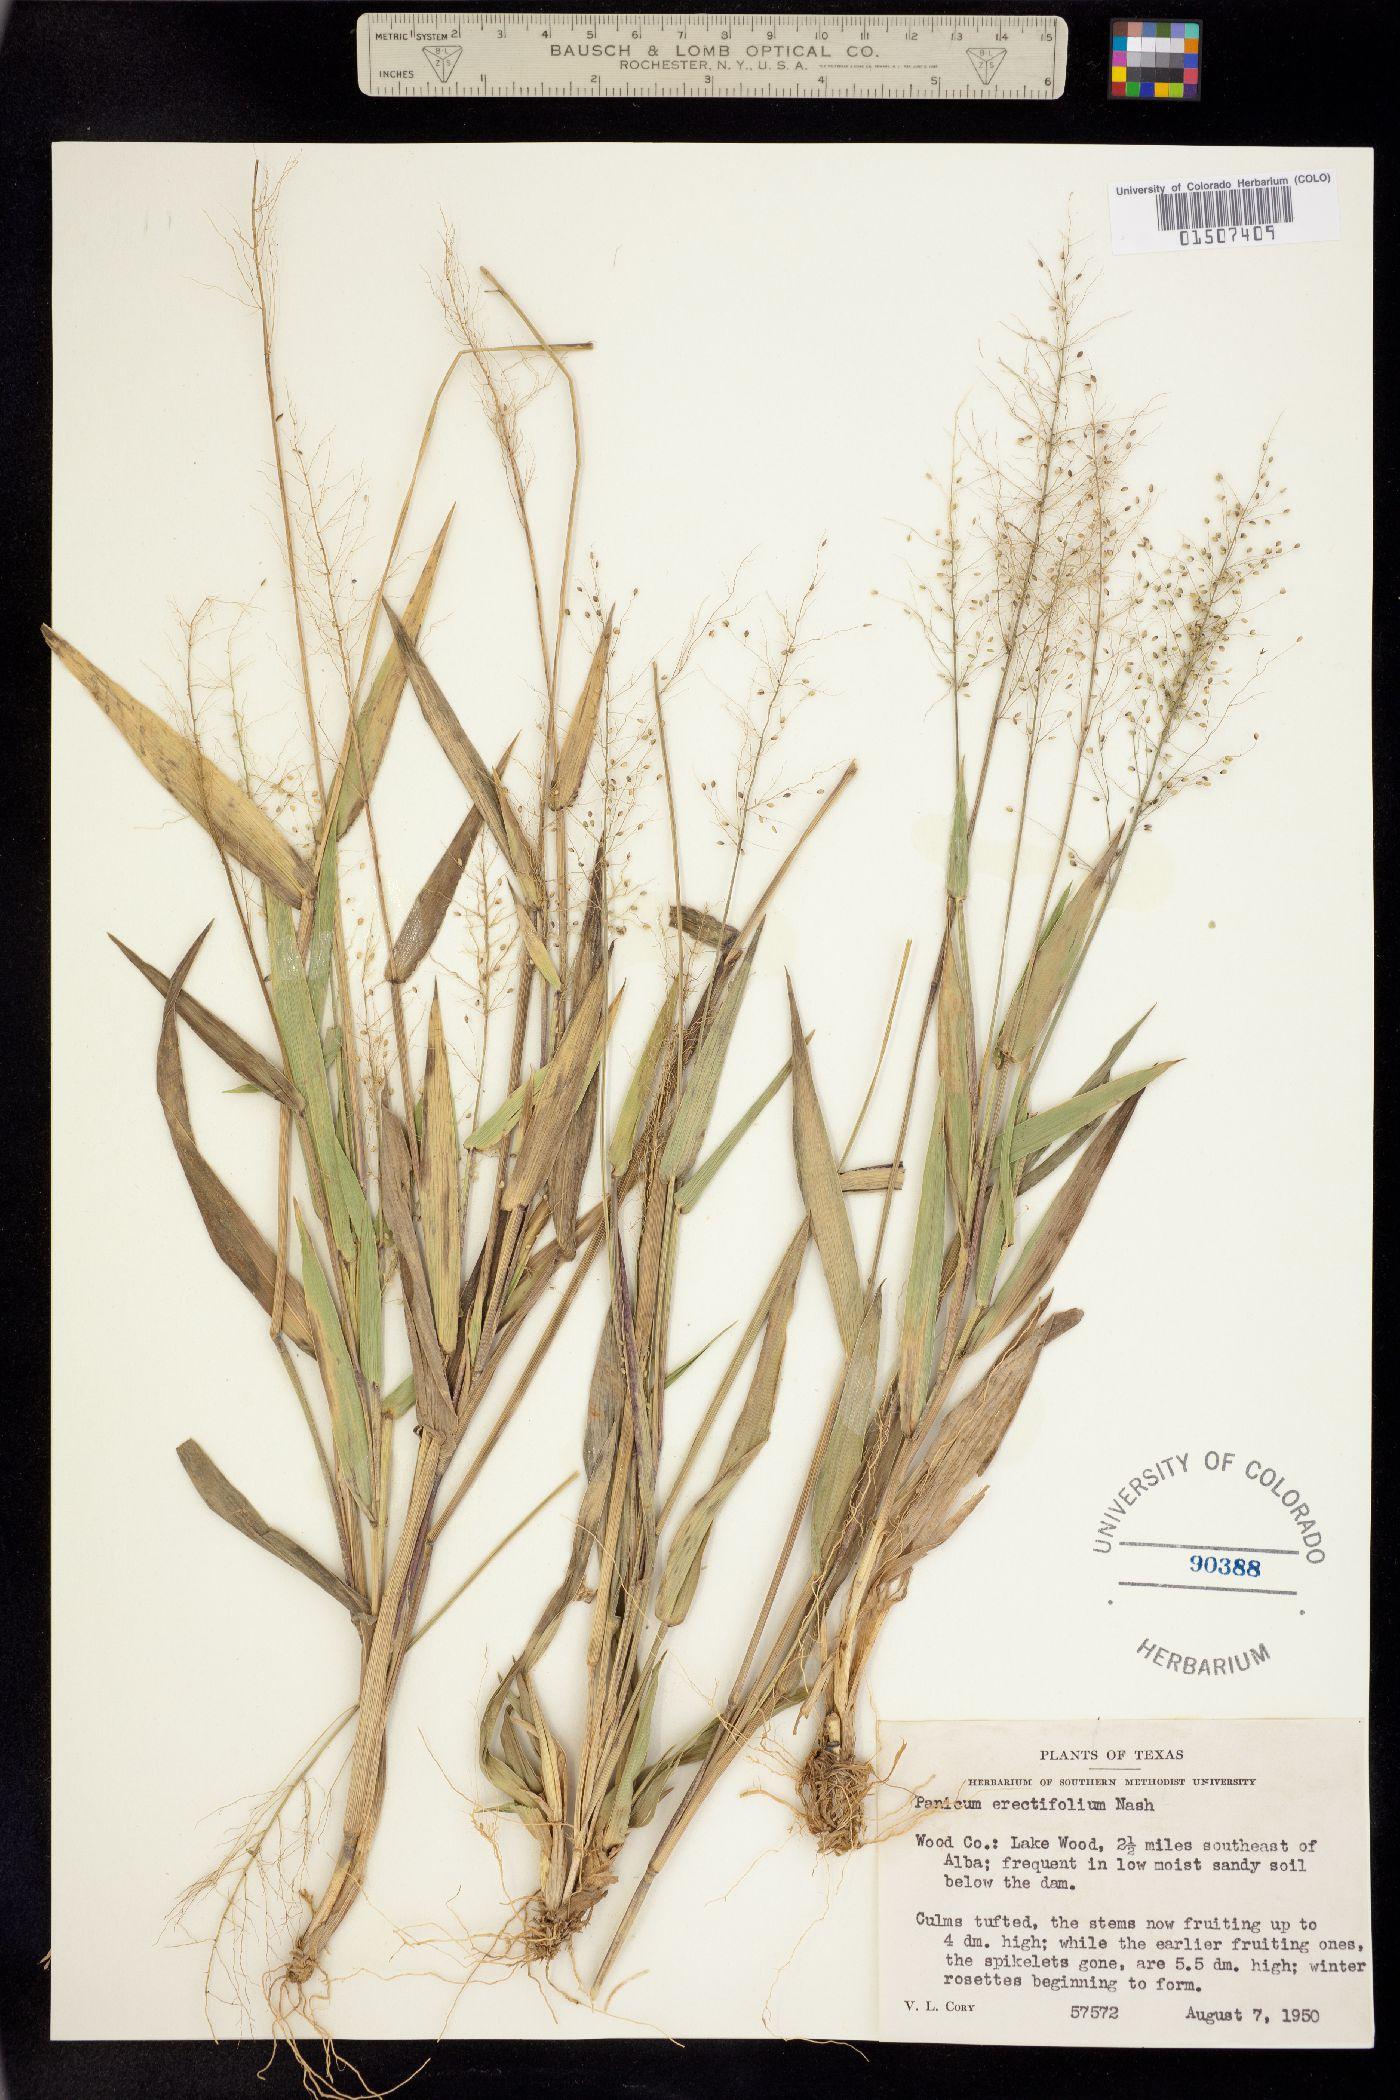 Panicum erectifolium image